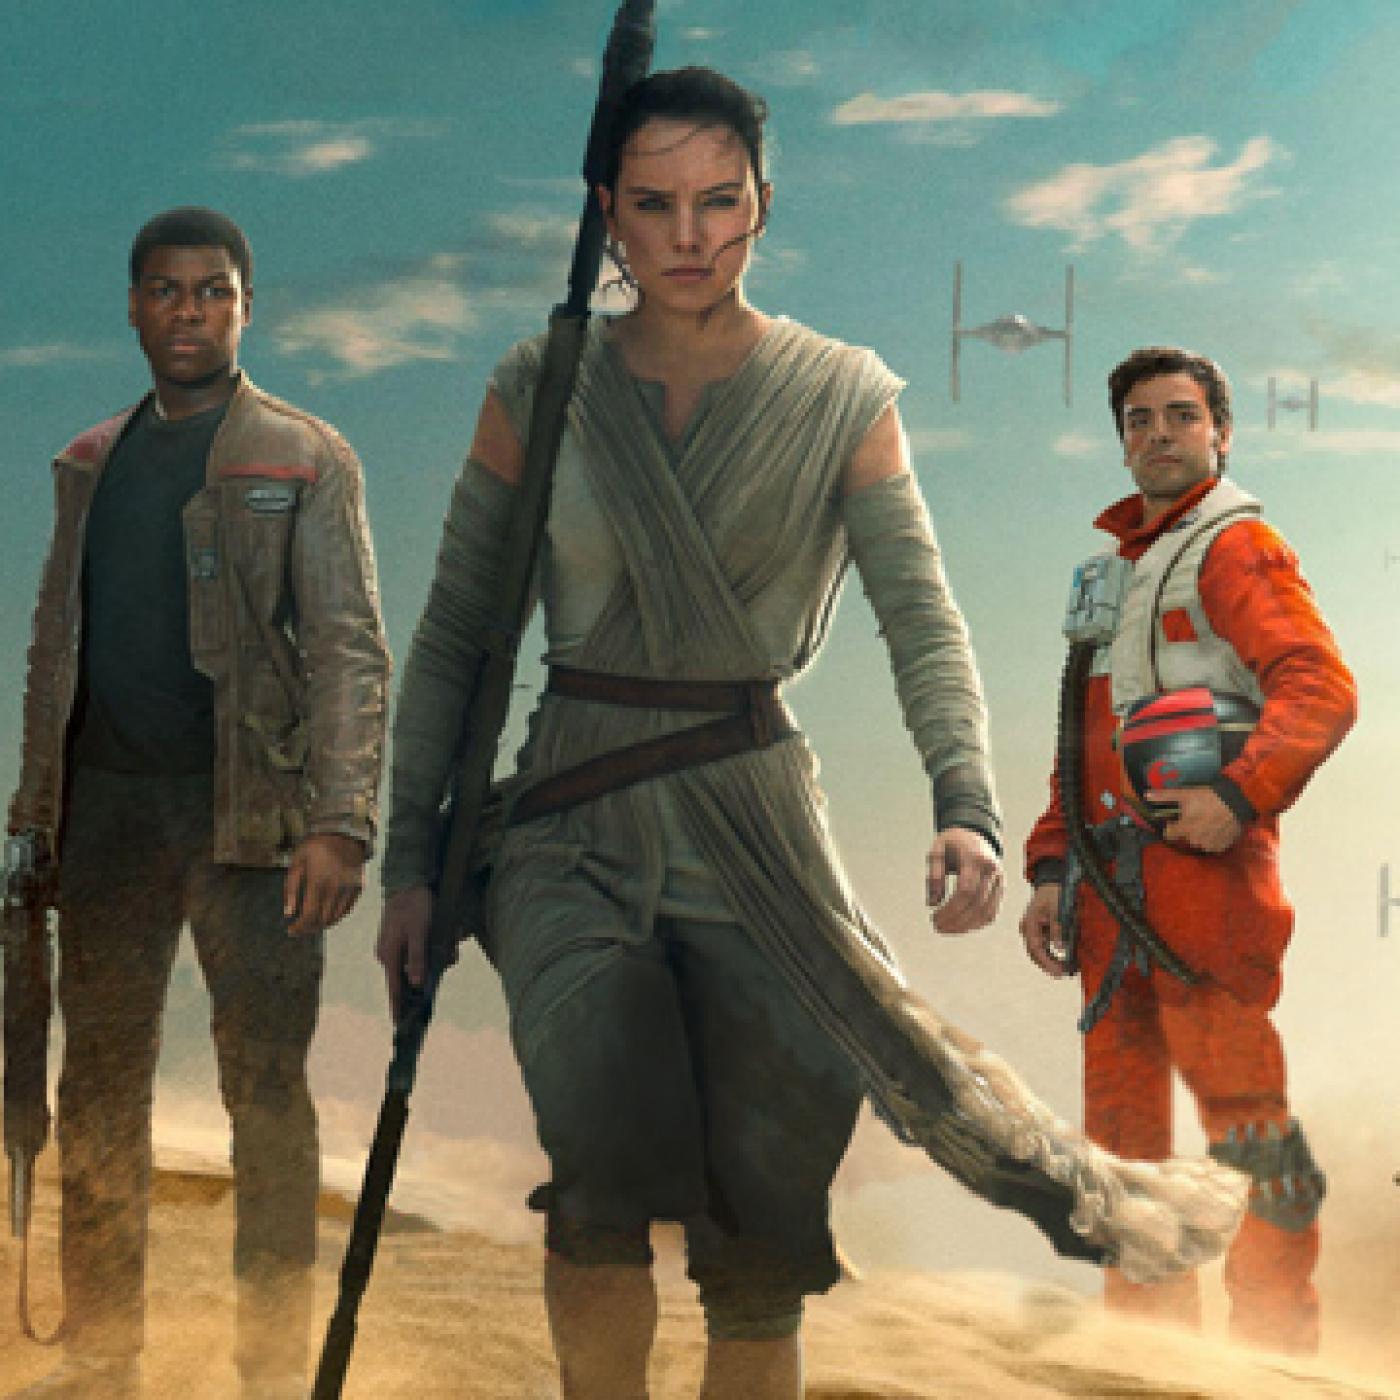 1x09 - Especial : Star Wars Episodio VII: El Despertar de la Fuerza